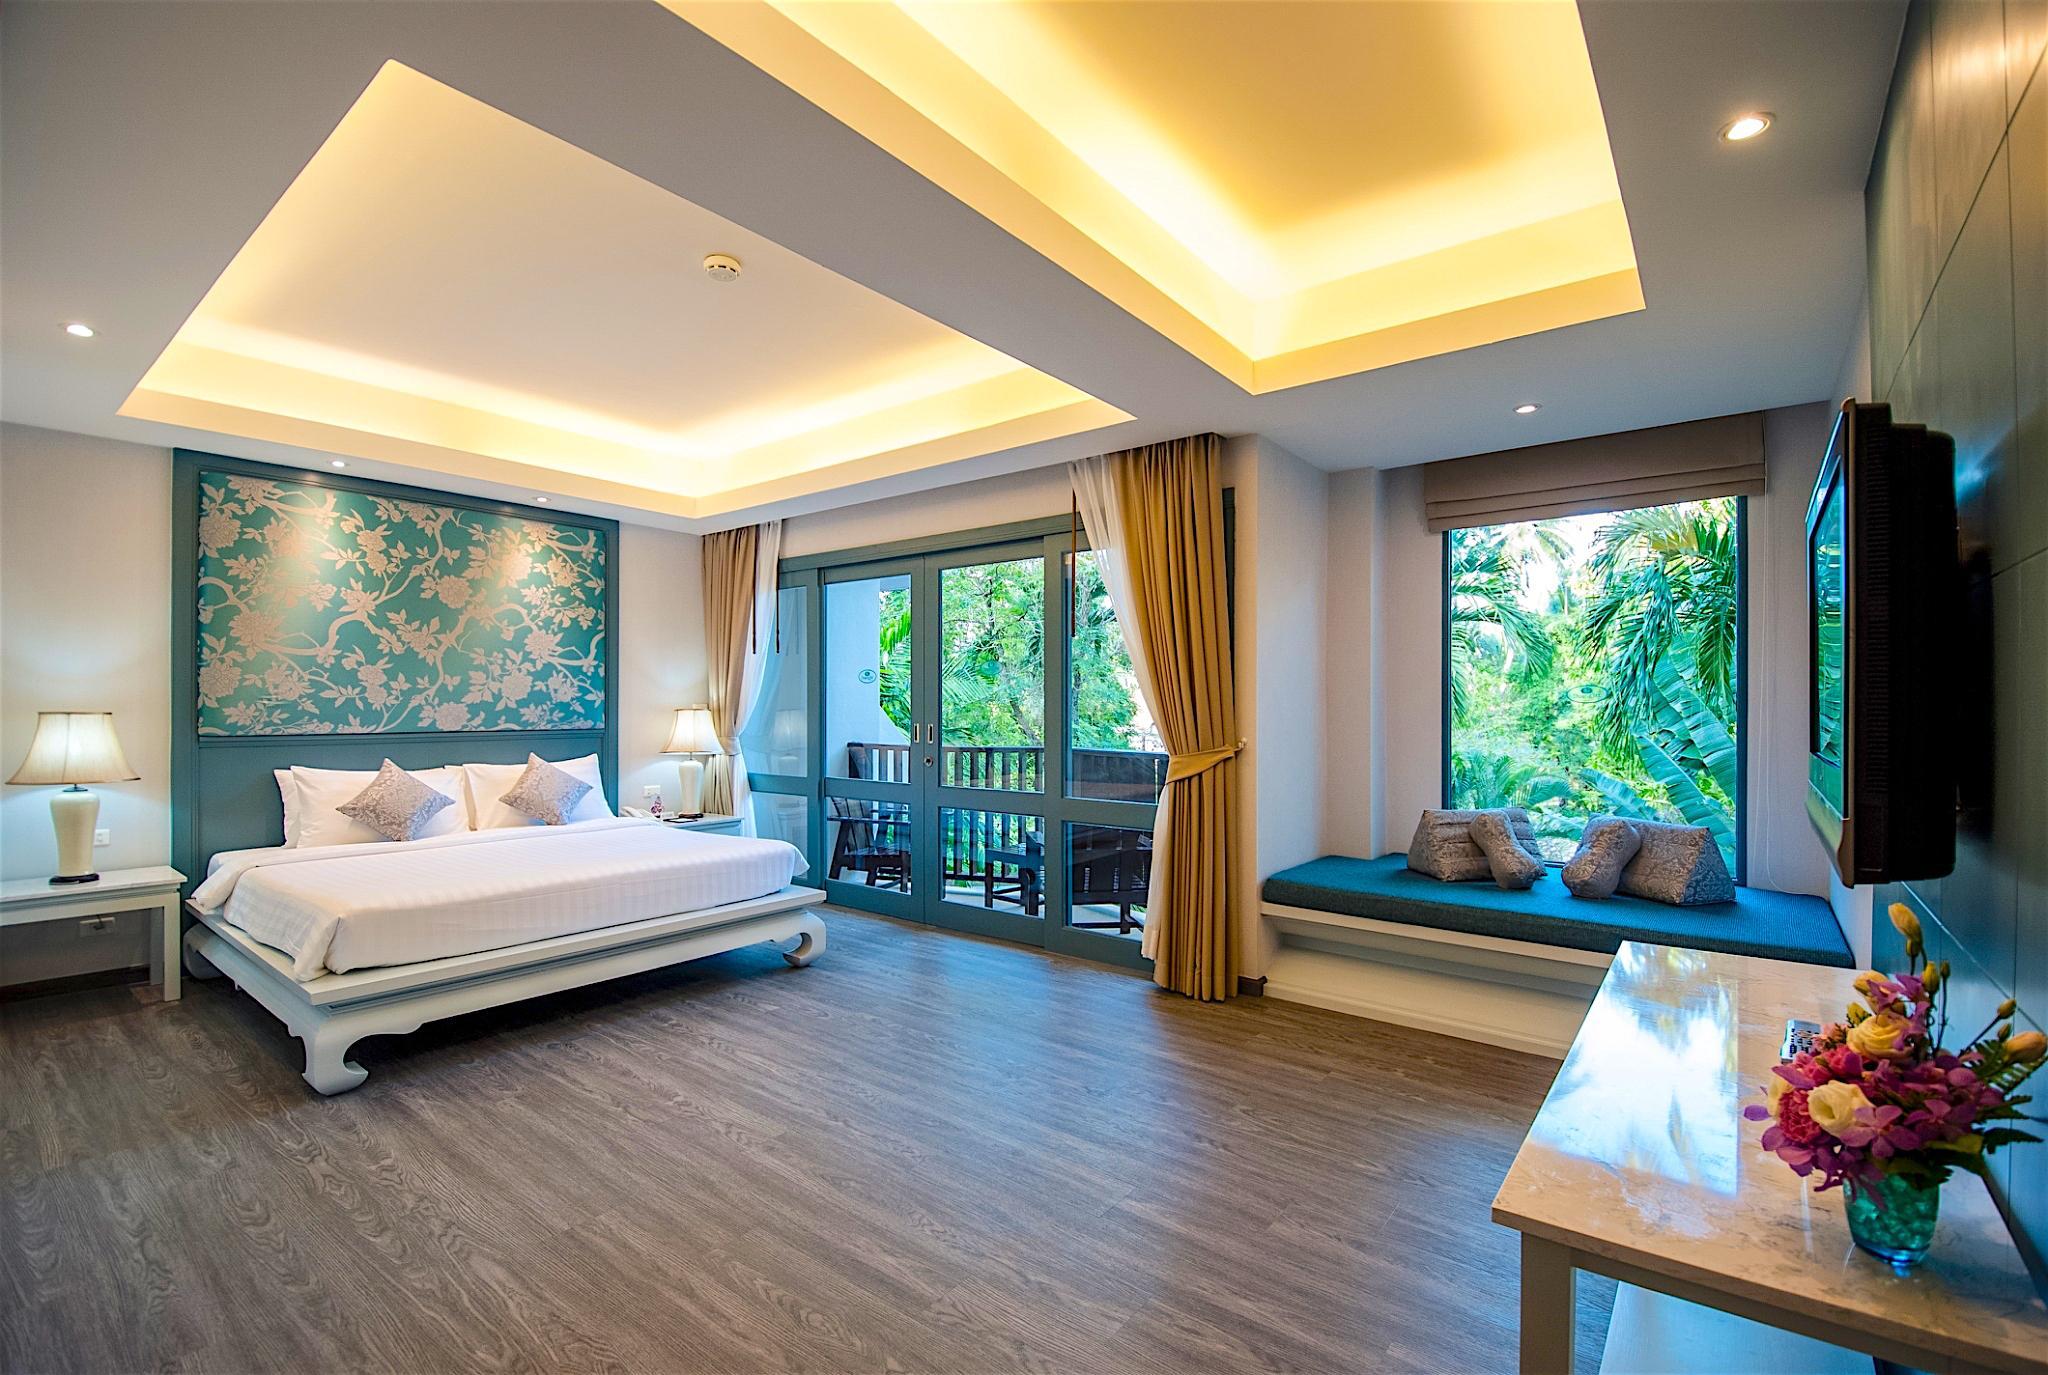 اتاق های هتل دوآنجیت پوکت تایلند